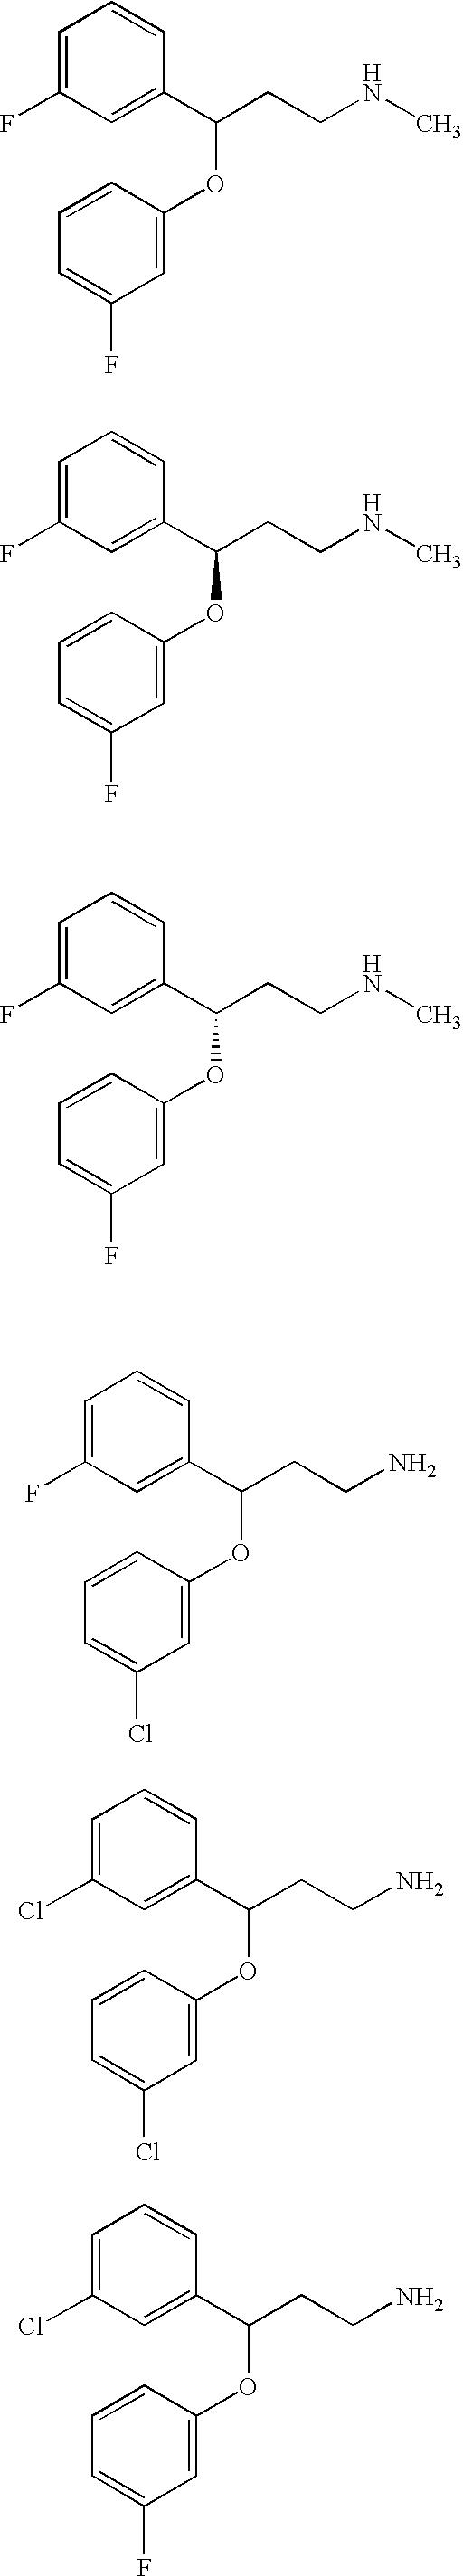 Figure US20050282859A1-20051222-C00015